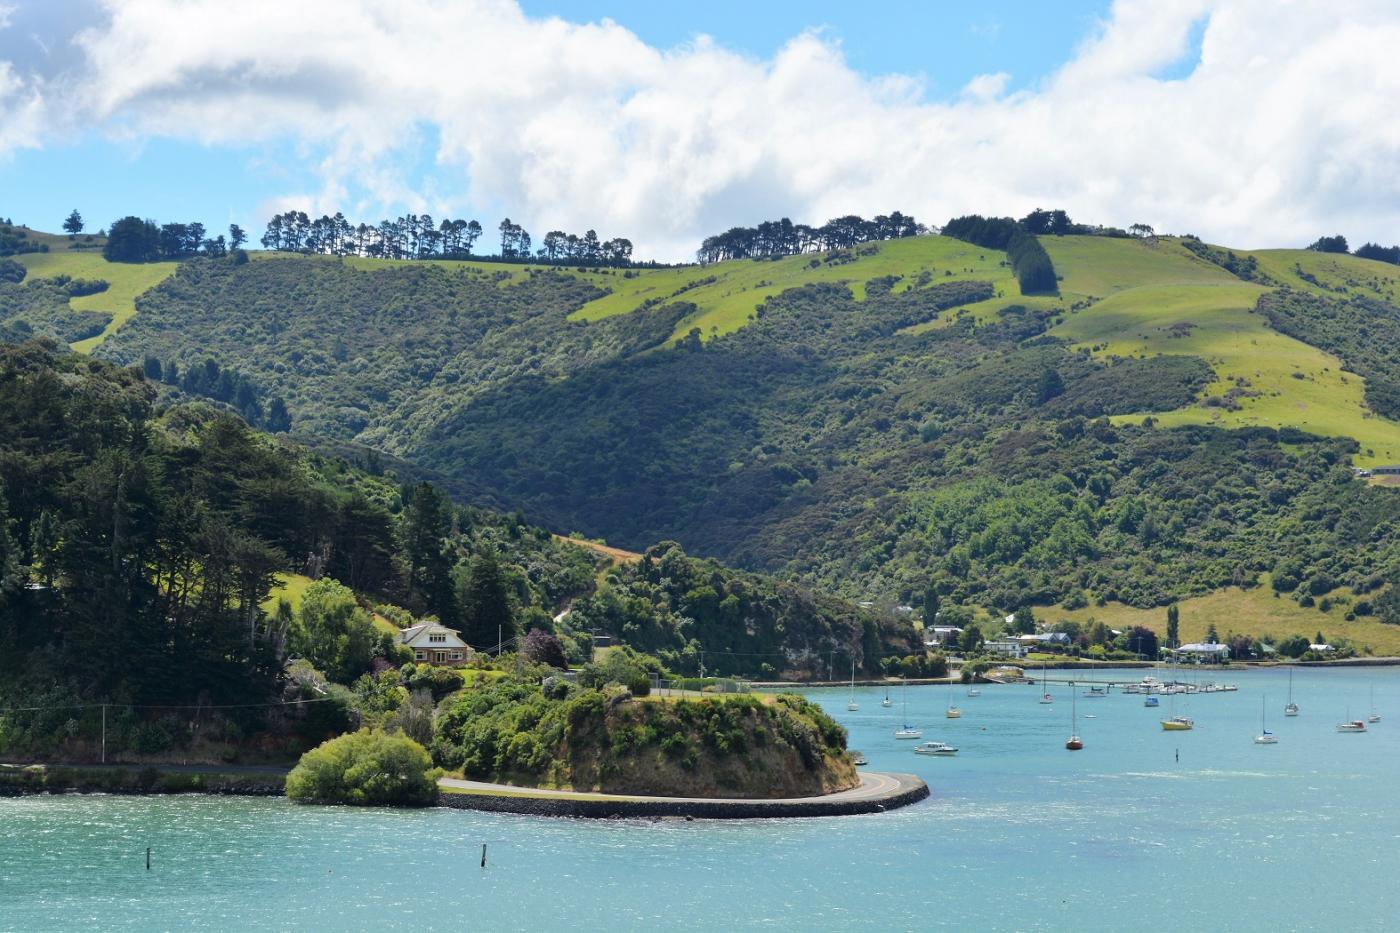 环新西兰游轮第二站——Dunedin但尼丁_图1-6